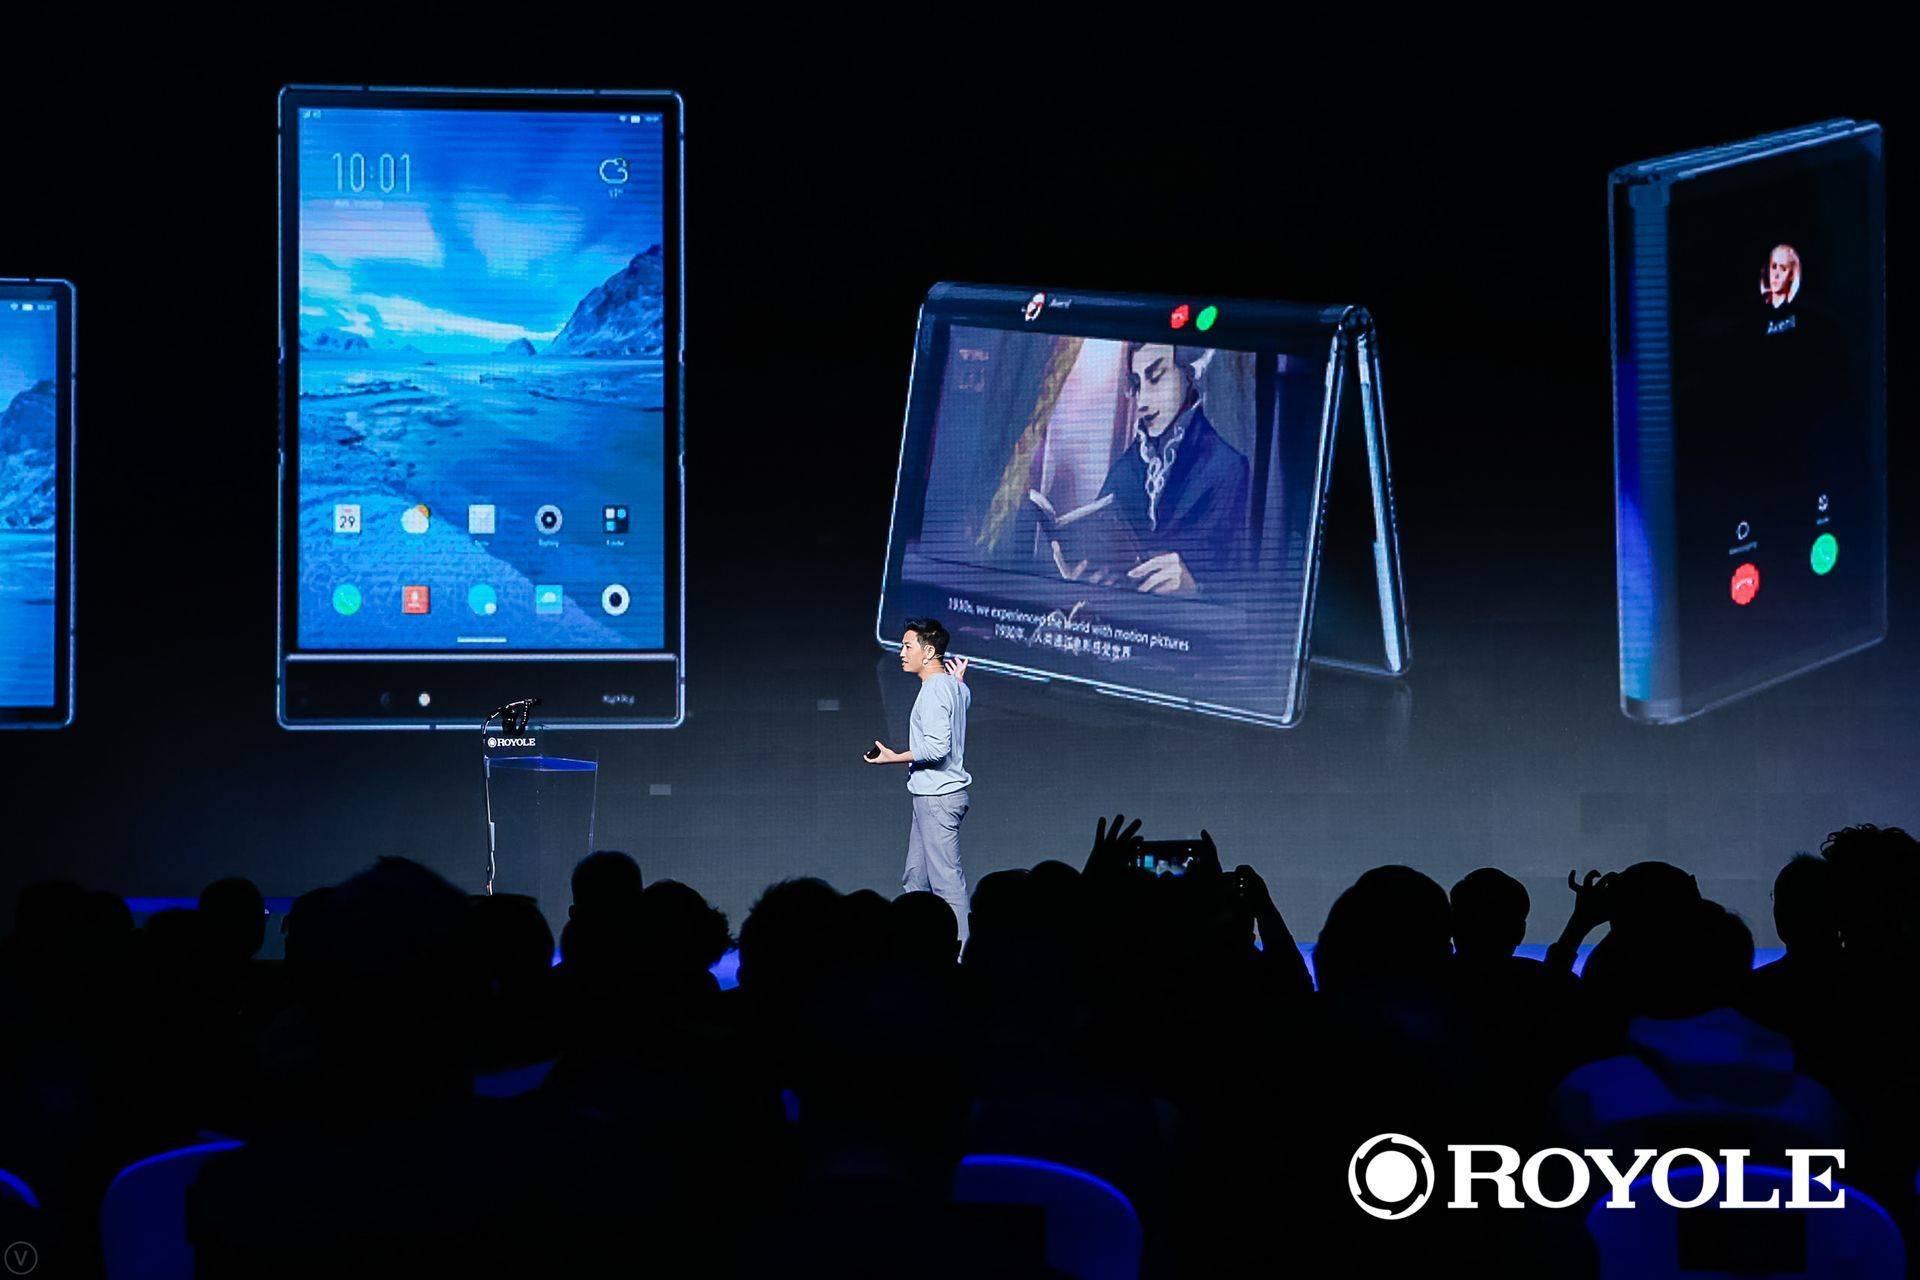 全球首款可折叠柔性屏手机背后 新需求与新矛盾出现了